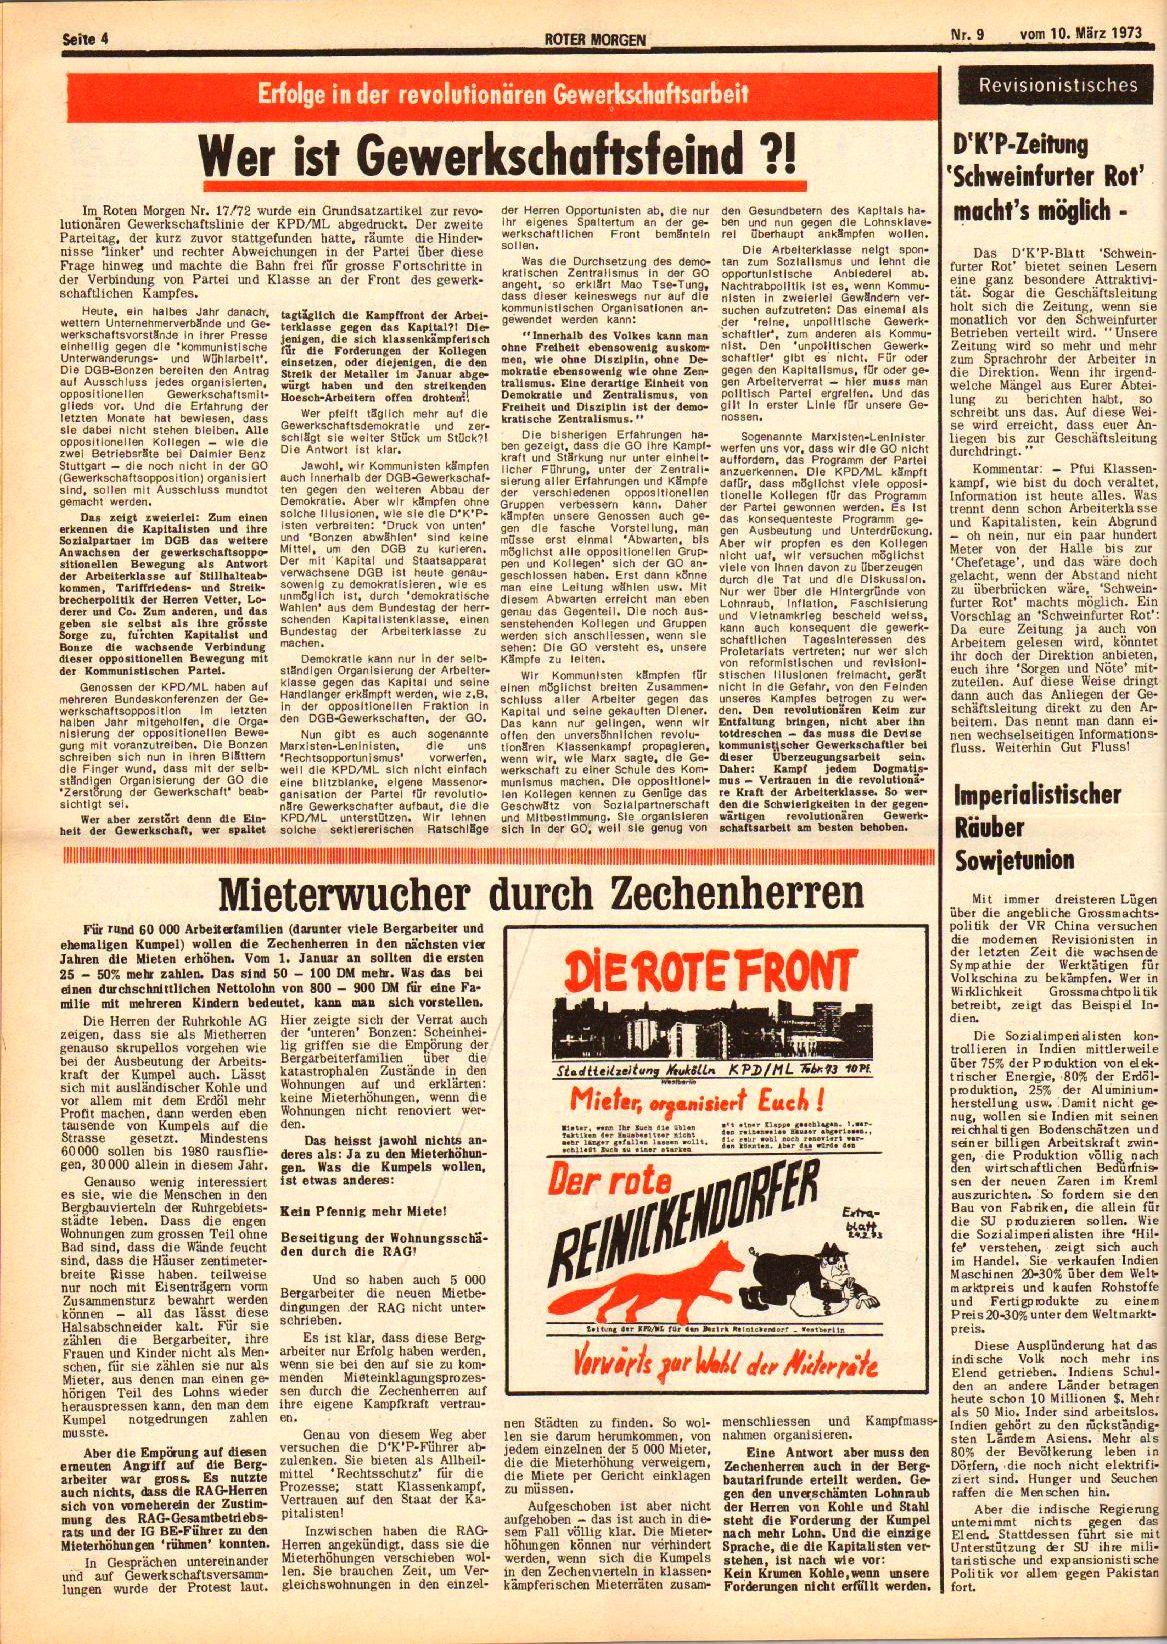 Roter Morgen, 7. Jg., 10. März 1973, Nr. 9, Seite 4